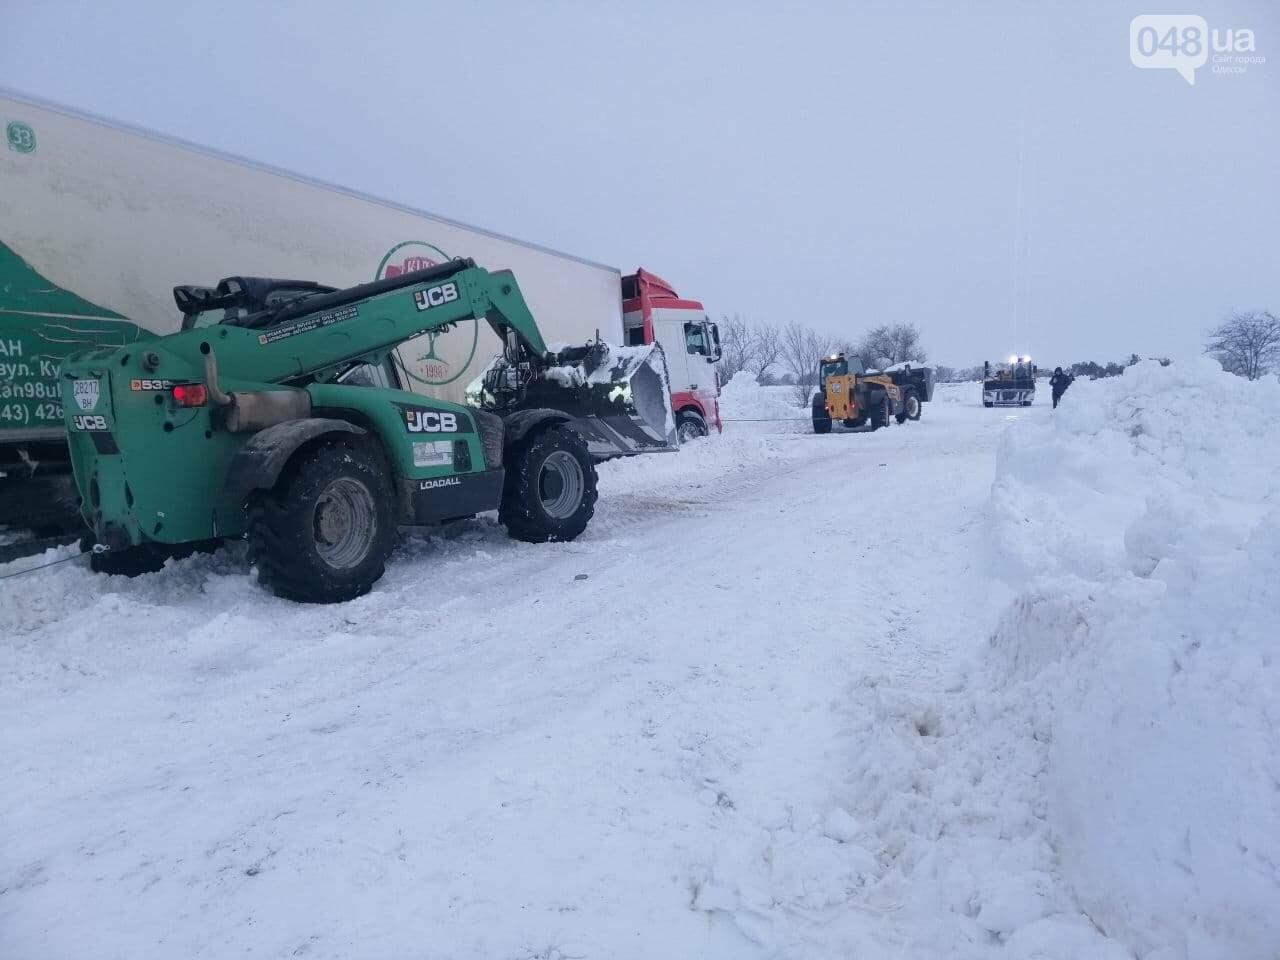 300 грузовых автомобилей застряли в снегу на трассах в Одесской области,- ФОТО, ВИДЕО, фото-1